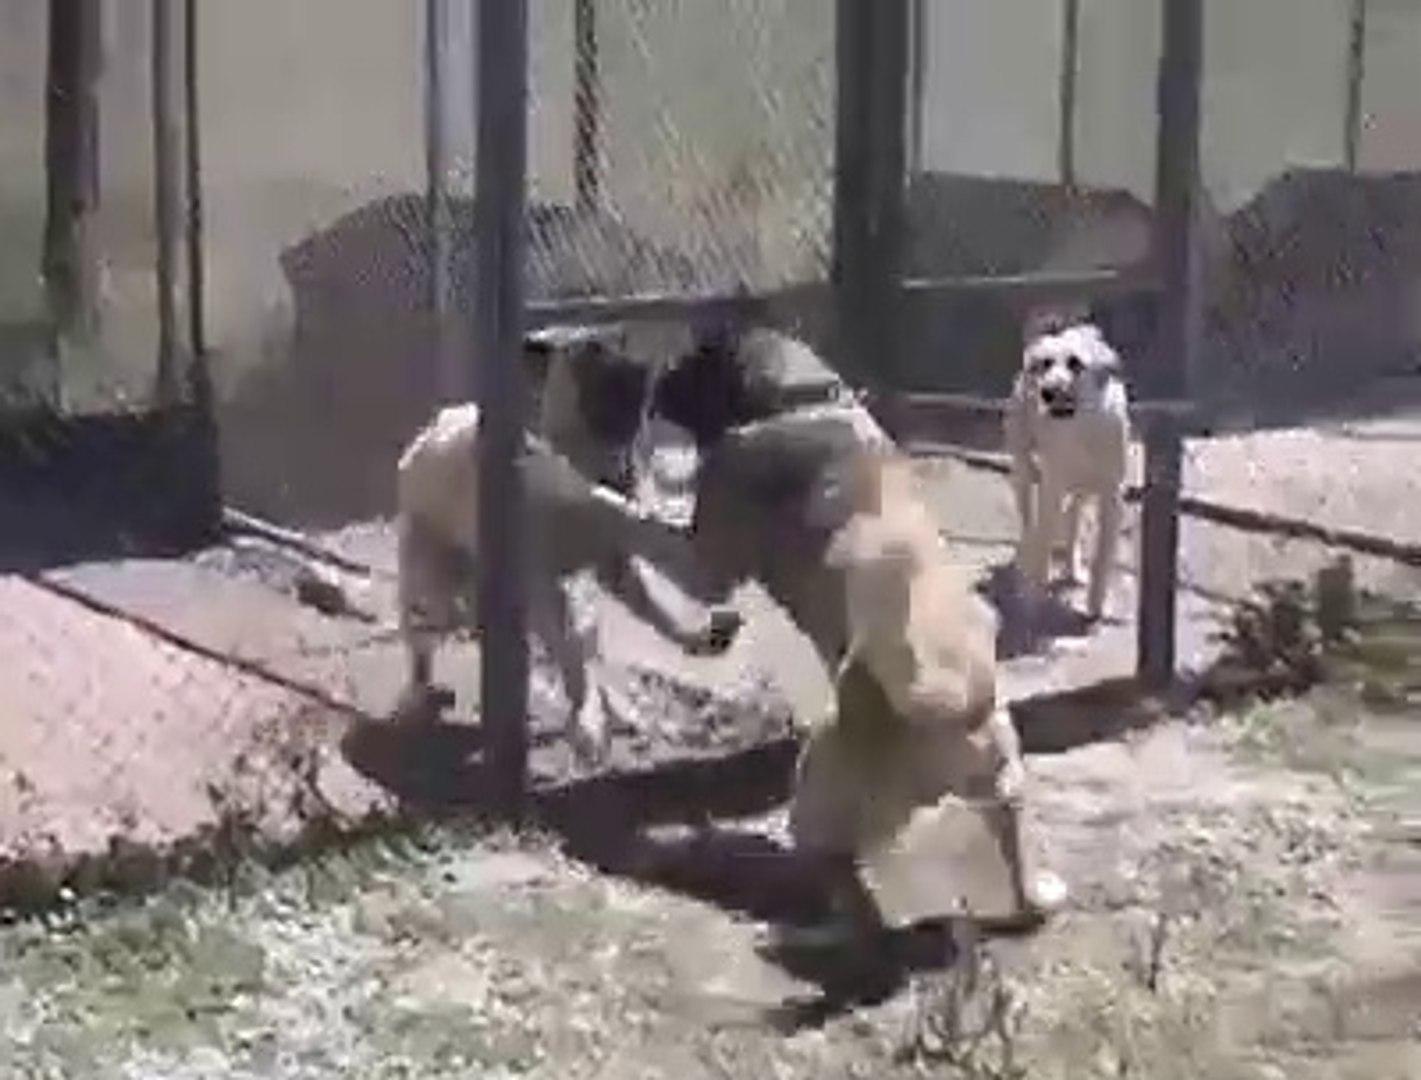 SiVAS KANGAL KOPEKLERi YAKIN ATISMA - SiVAS KANGAL DOG NEAR VS